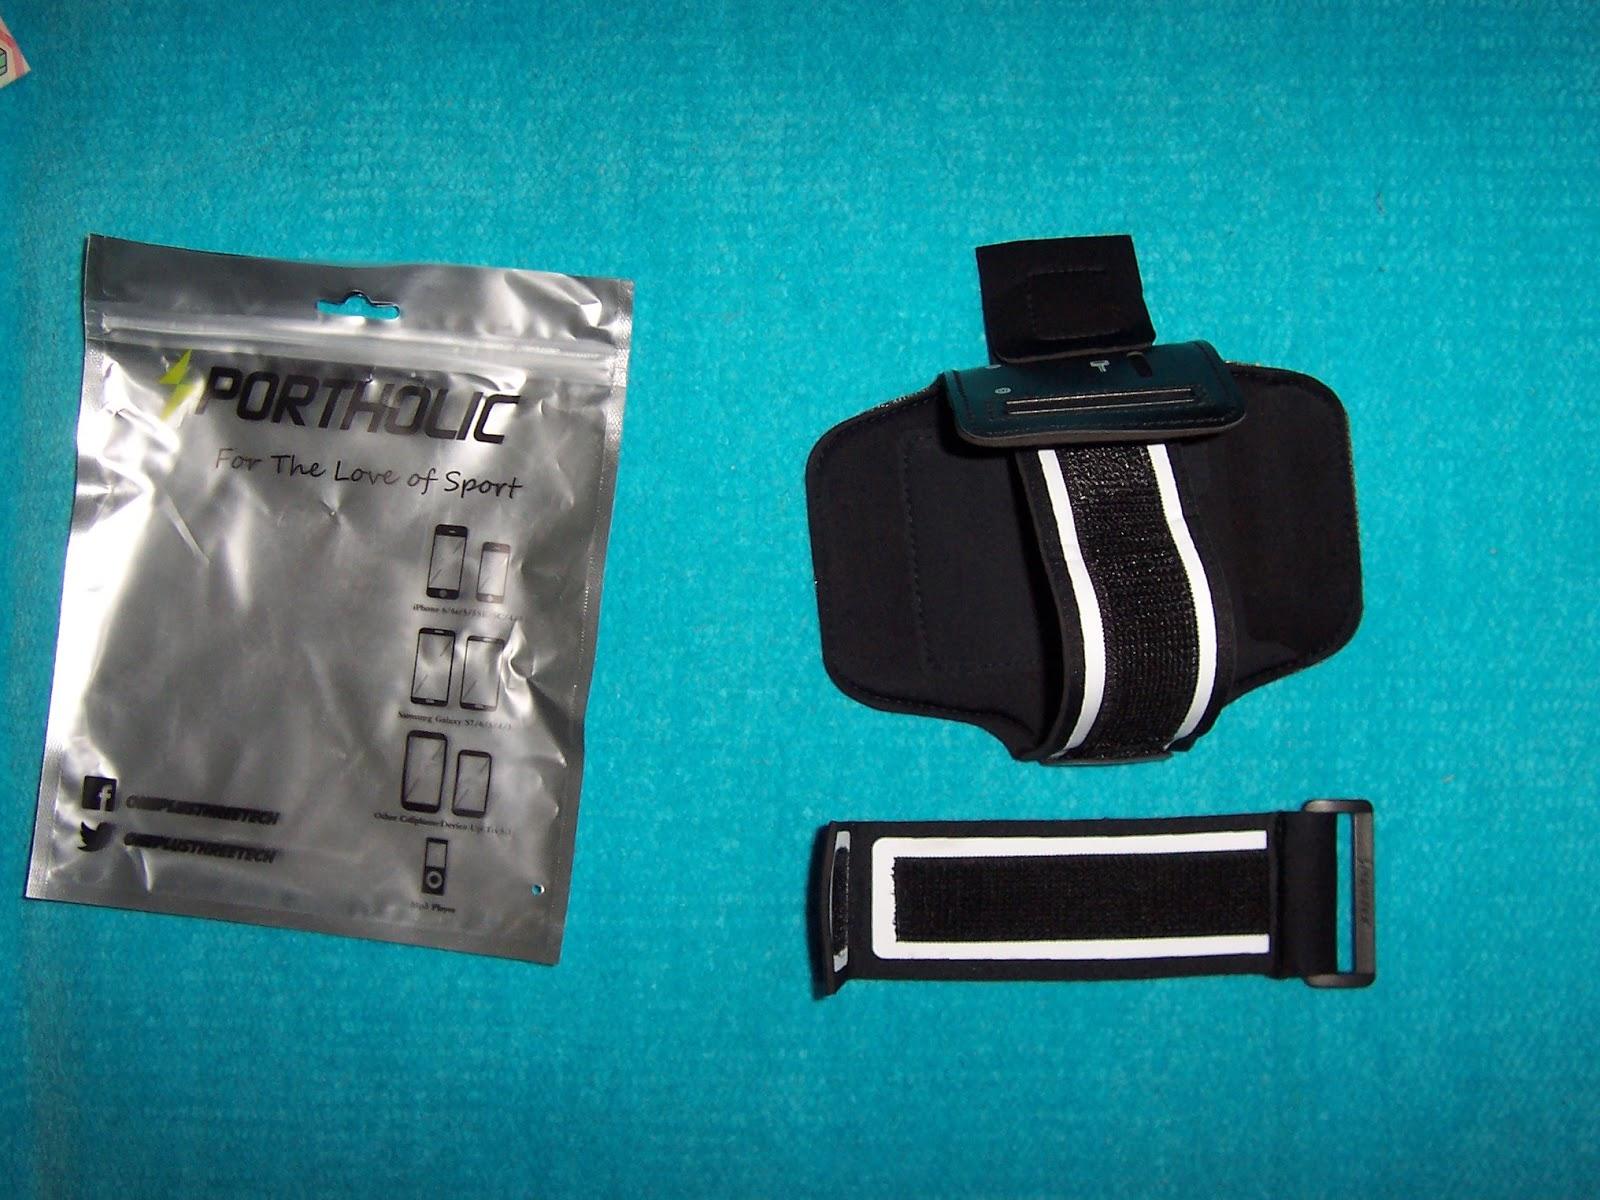 a2c22833c Sportholic® Brazalete Impermeable Para Deportes Más Correa De Extensión  -GARANTÍA DE POR VIDA- Con soporte para llaves, cables y tarjetas para  iPhone 6/6S ...